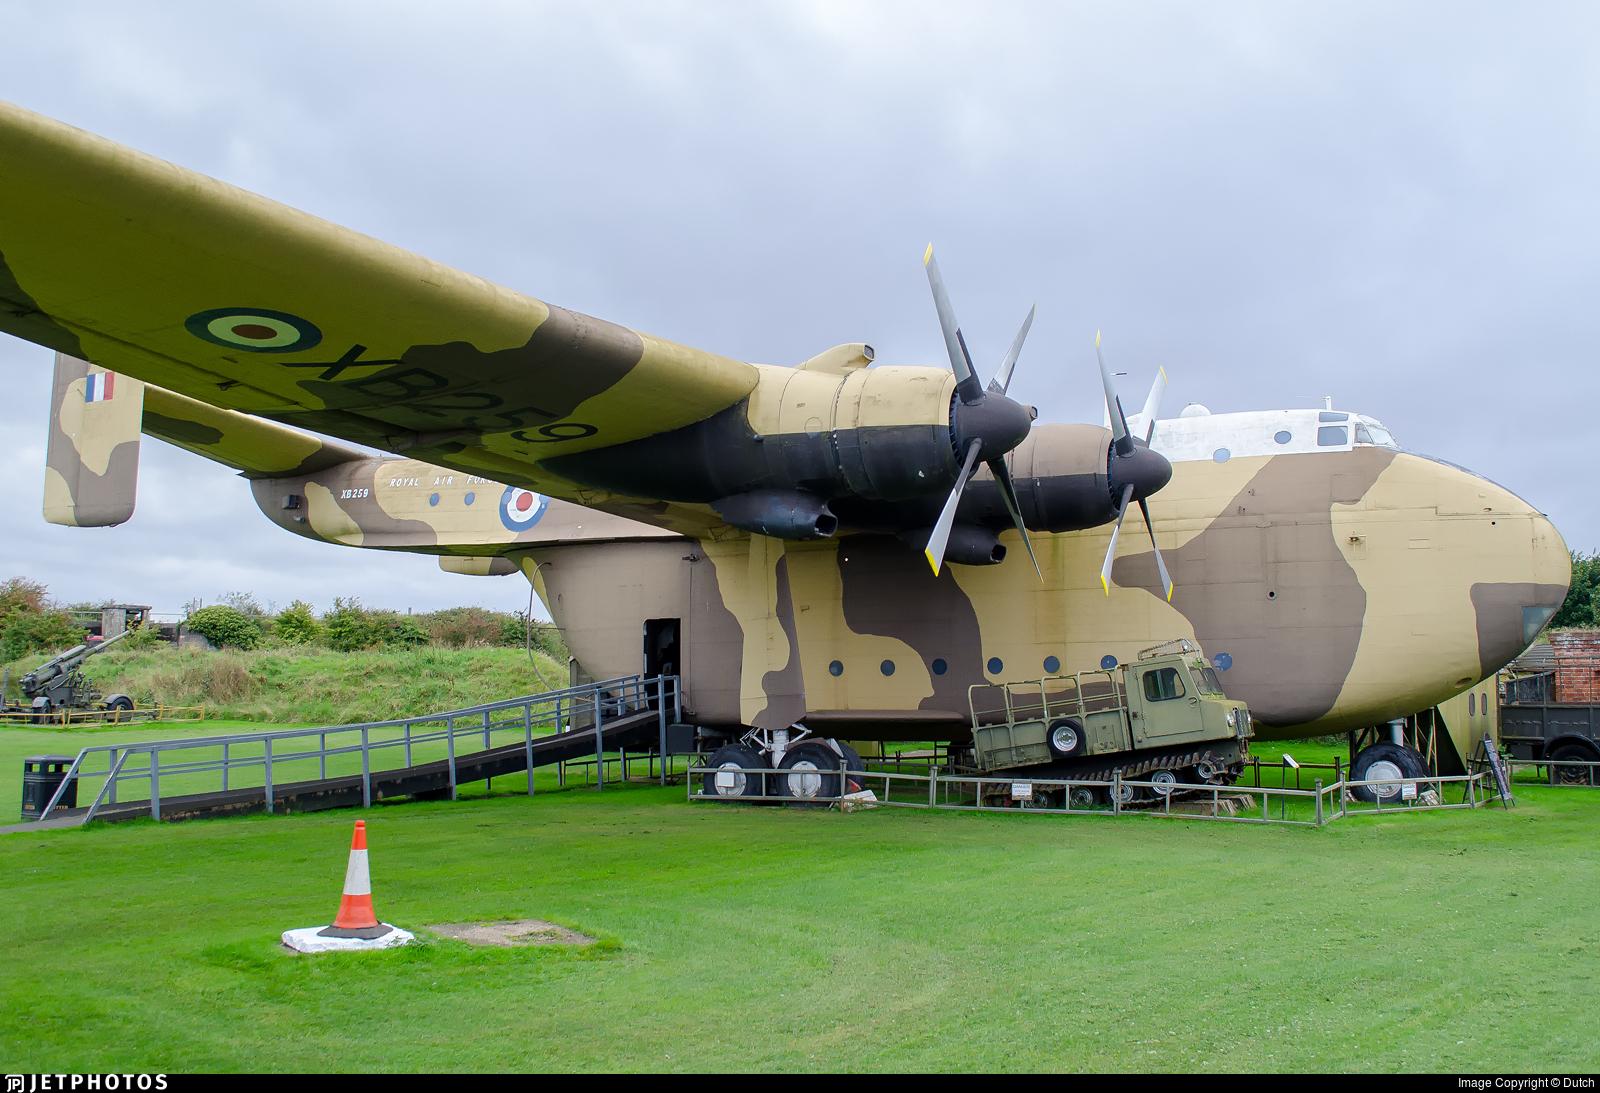 Beverley aircraft